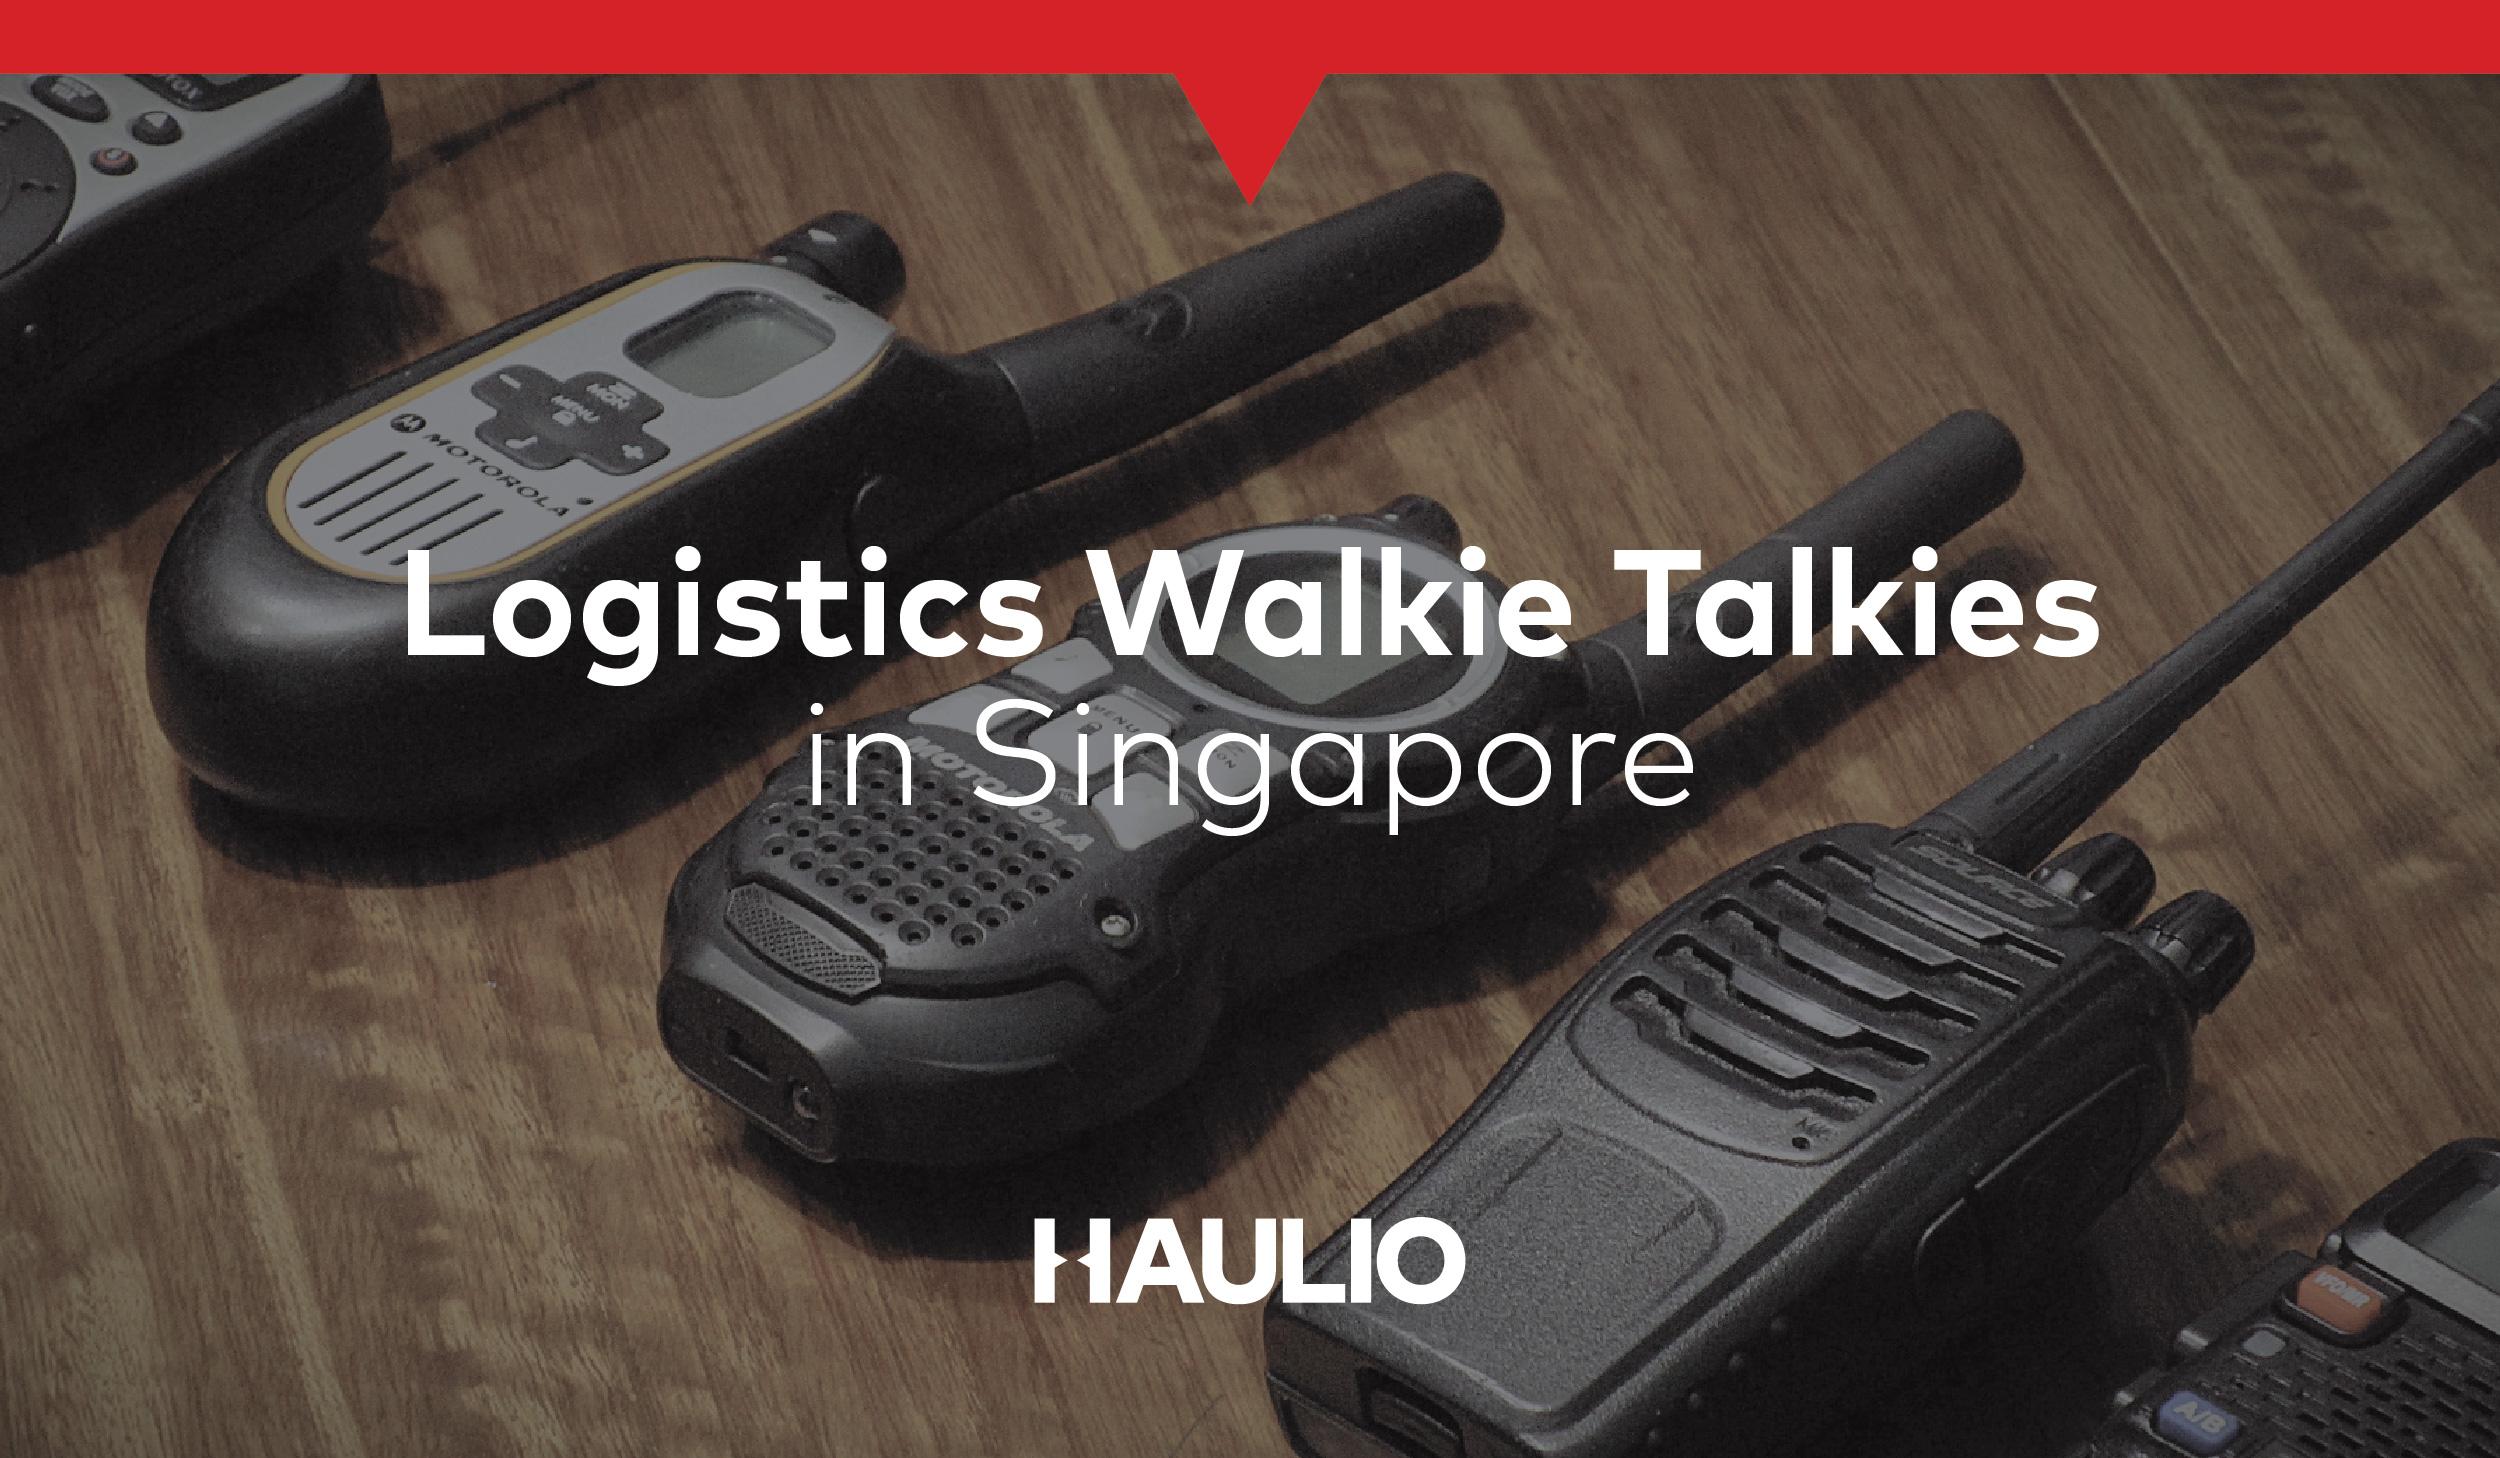 Logistics Walkie Talkies in Singapore